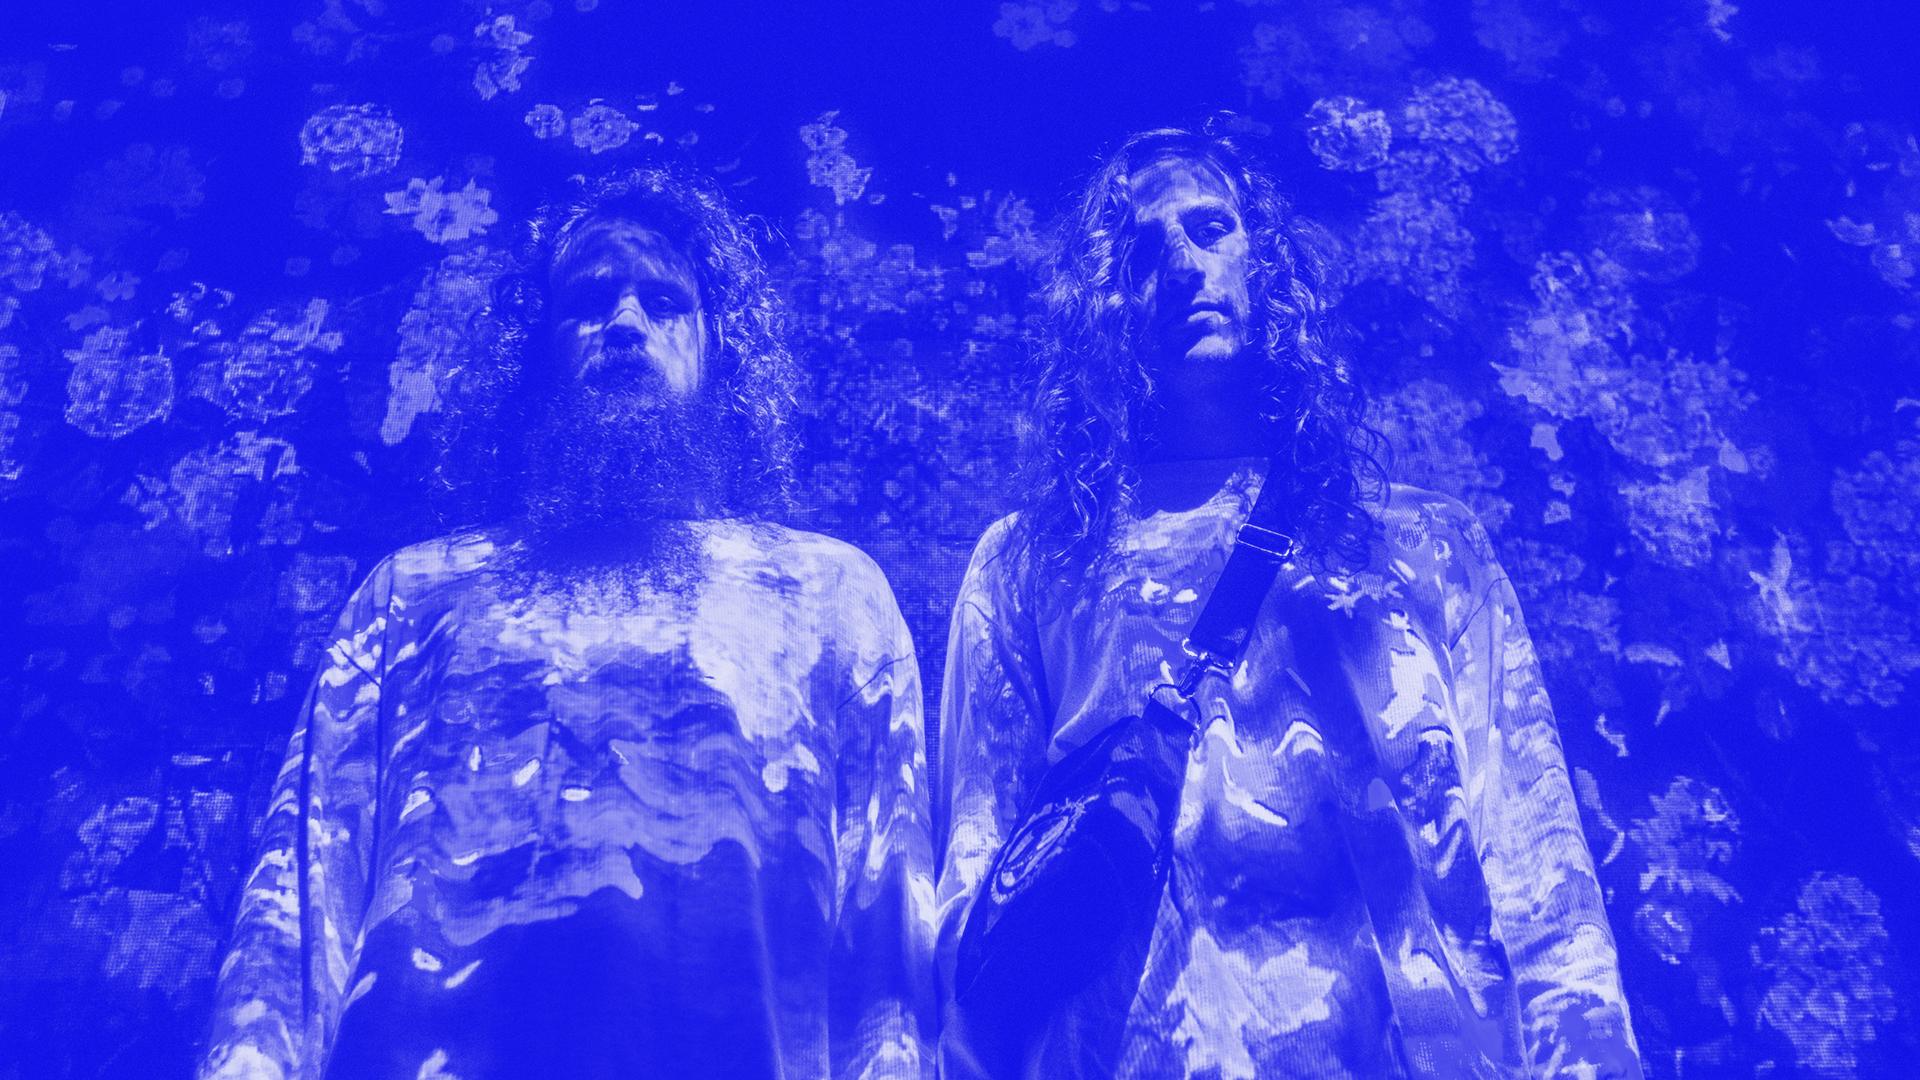 hippie sabotage hd wallpaper 70355